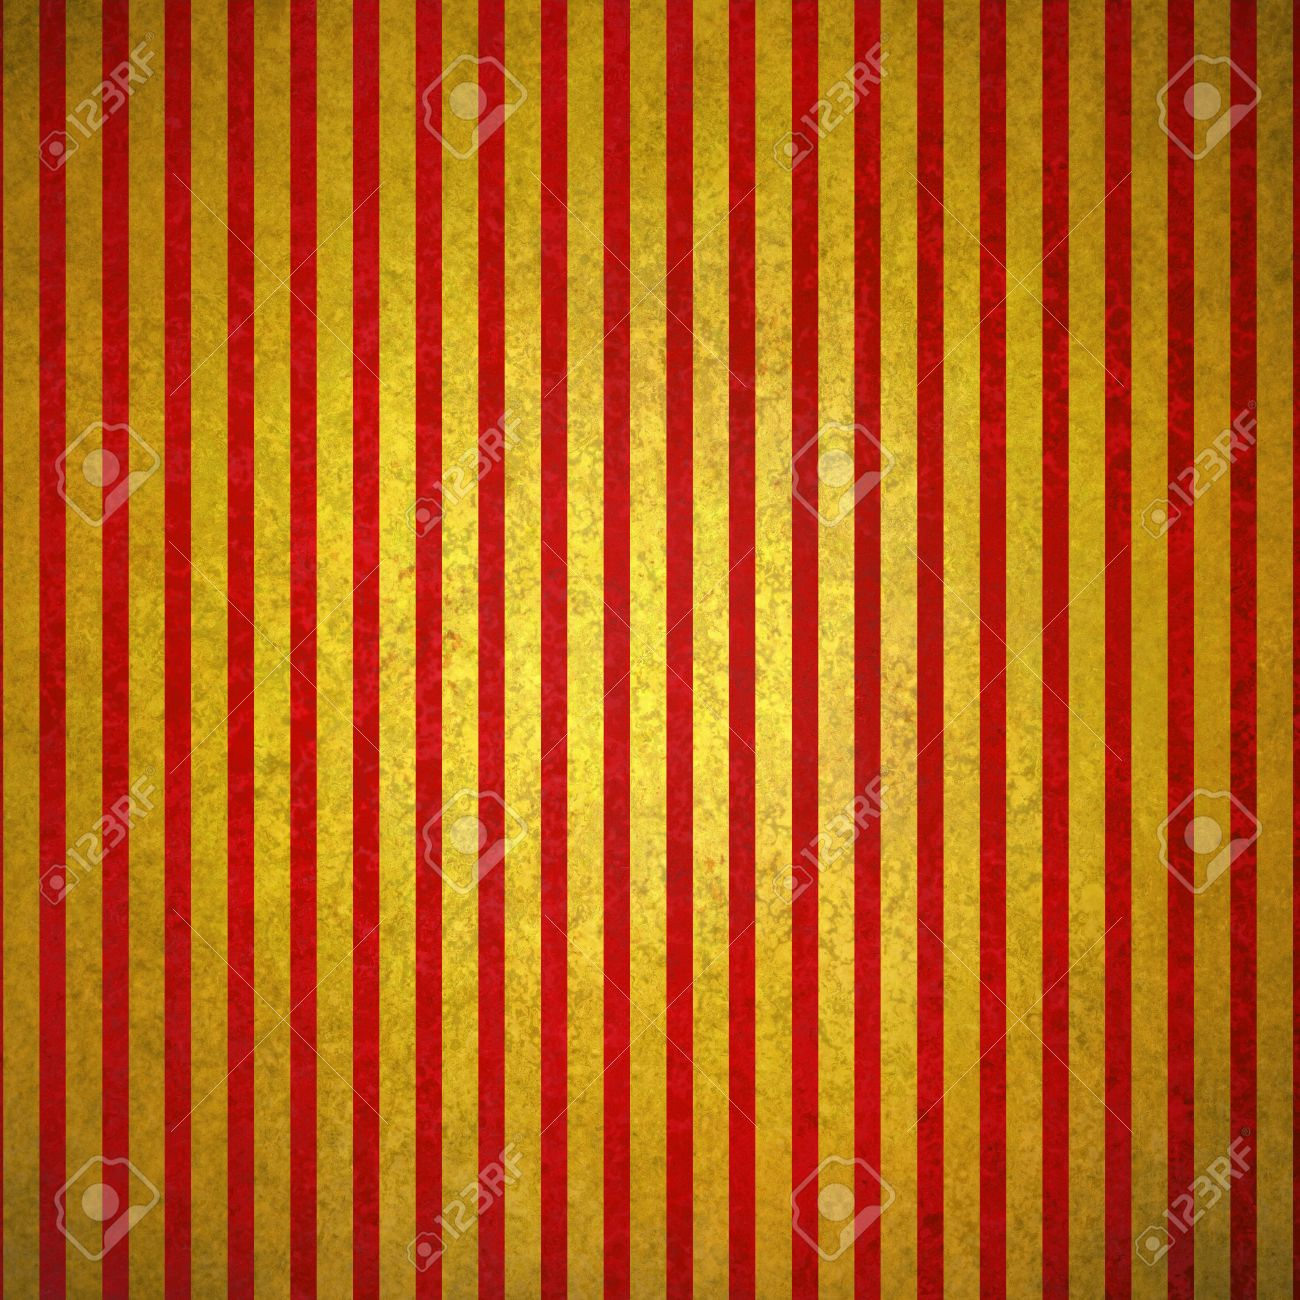 Elegante Rote Gold Gestreiften Hintergrund Muster, Luxuriöse ...